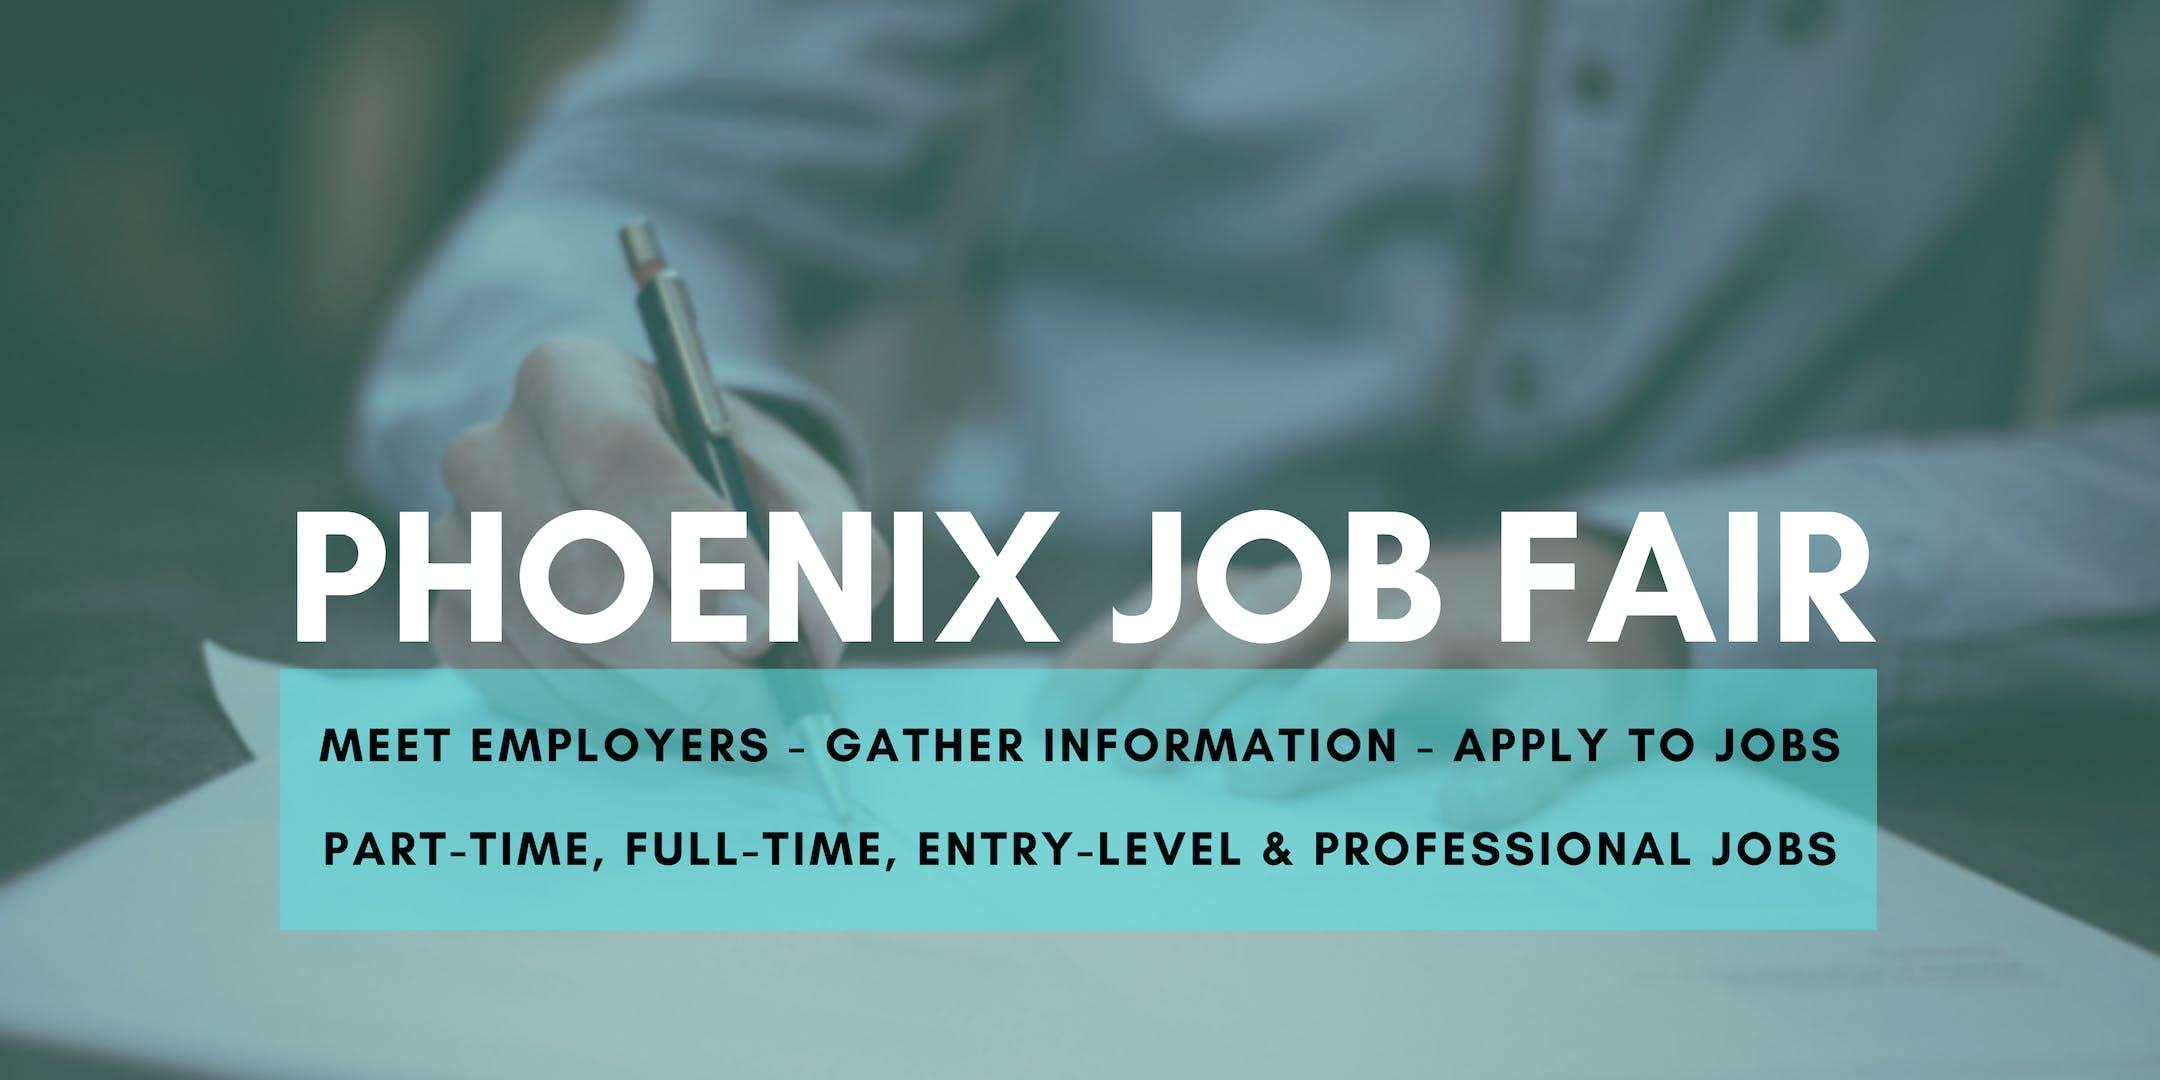 Phoenix Job Fair - April 22, 2019 Job Fairs & Hiring Events in Phoenix AZ